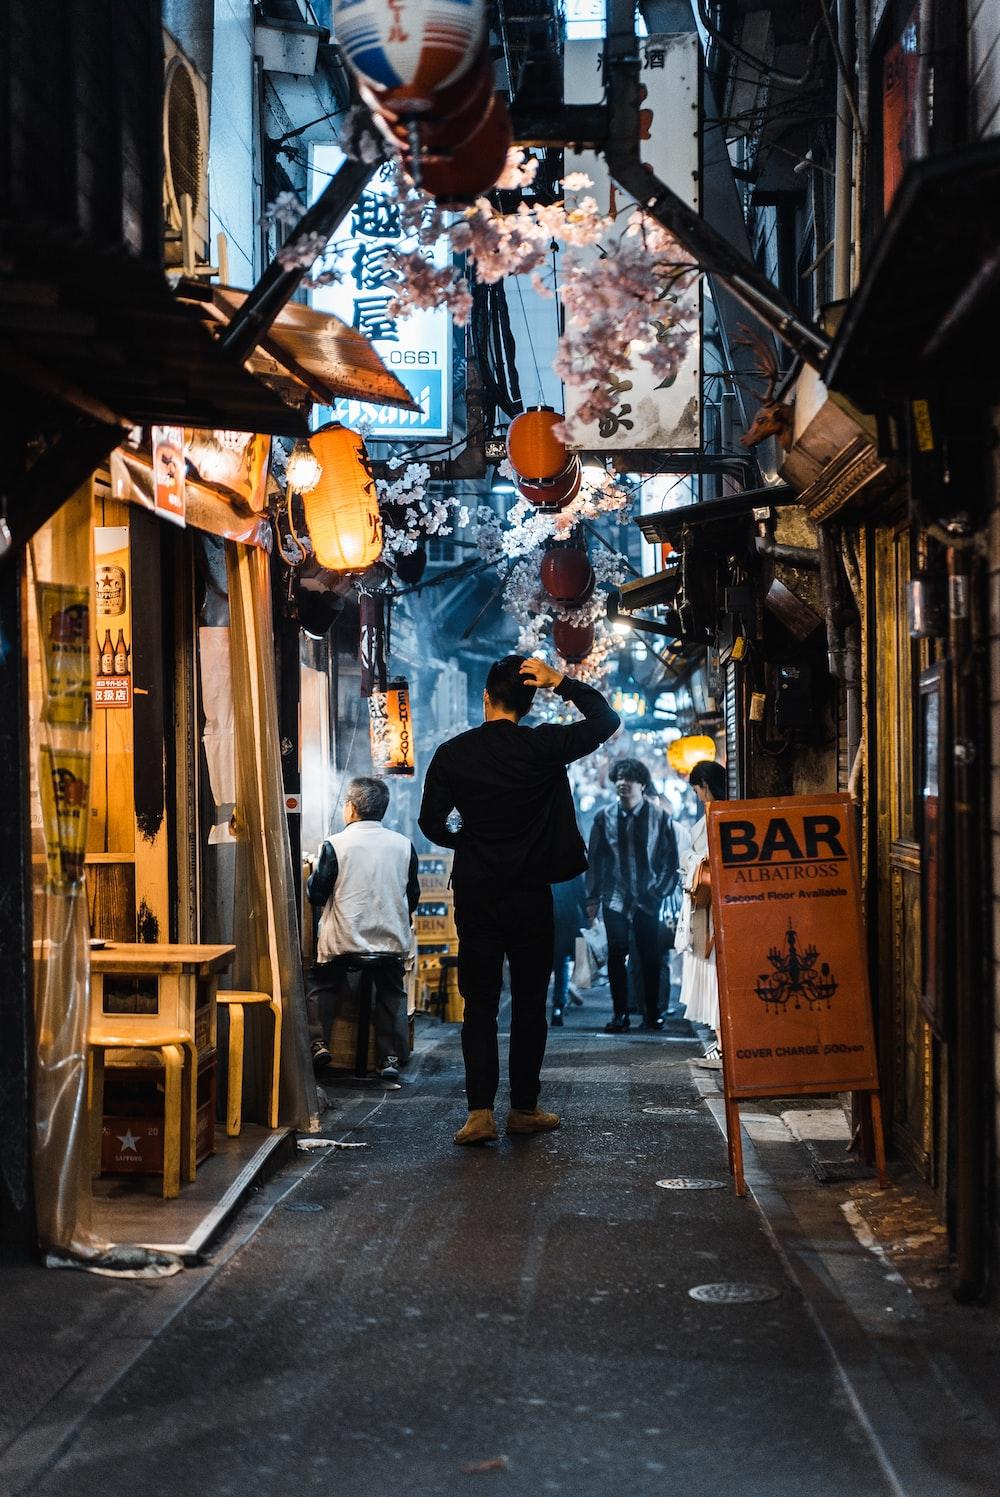 man in an alley